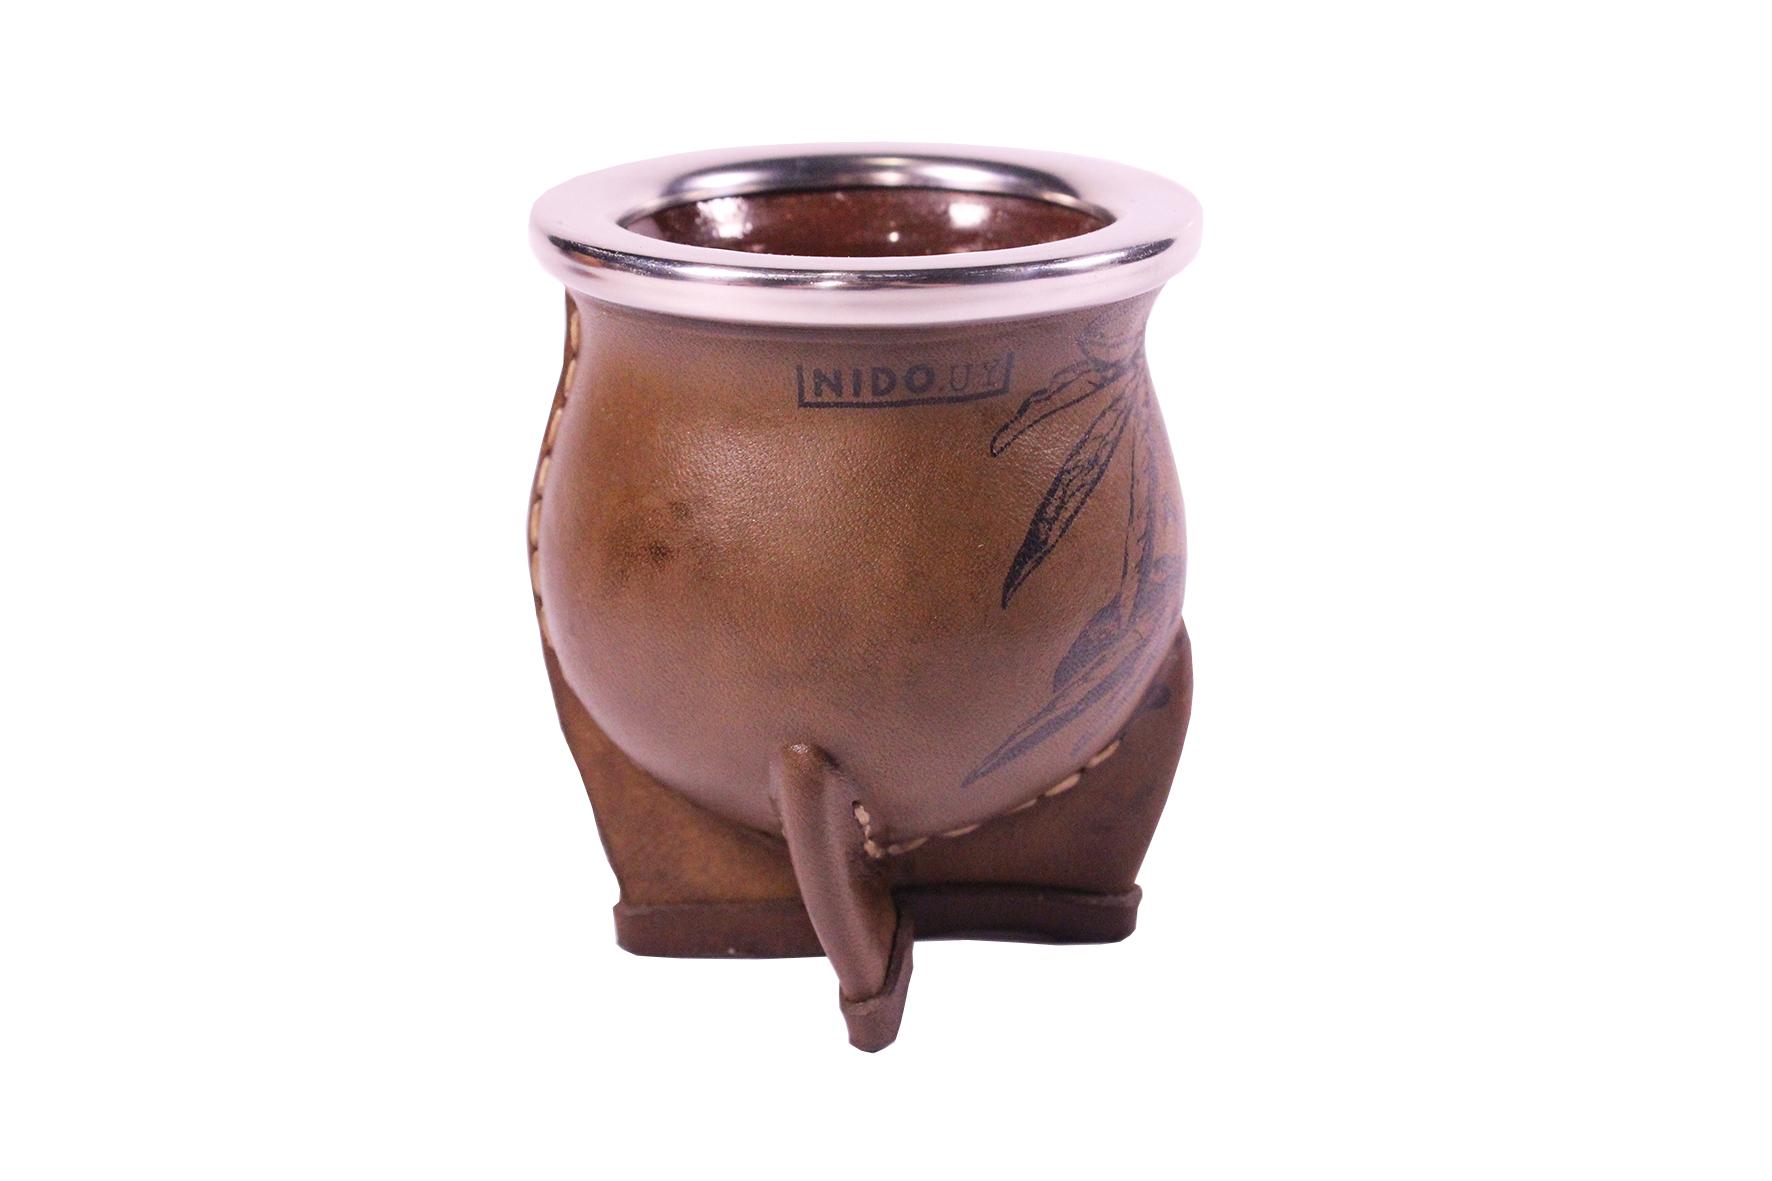 Mate de cerámica